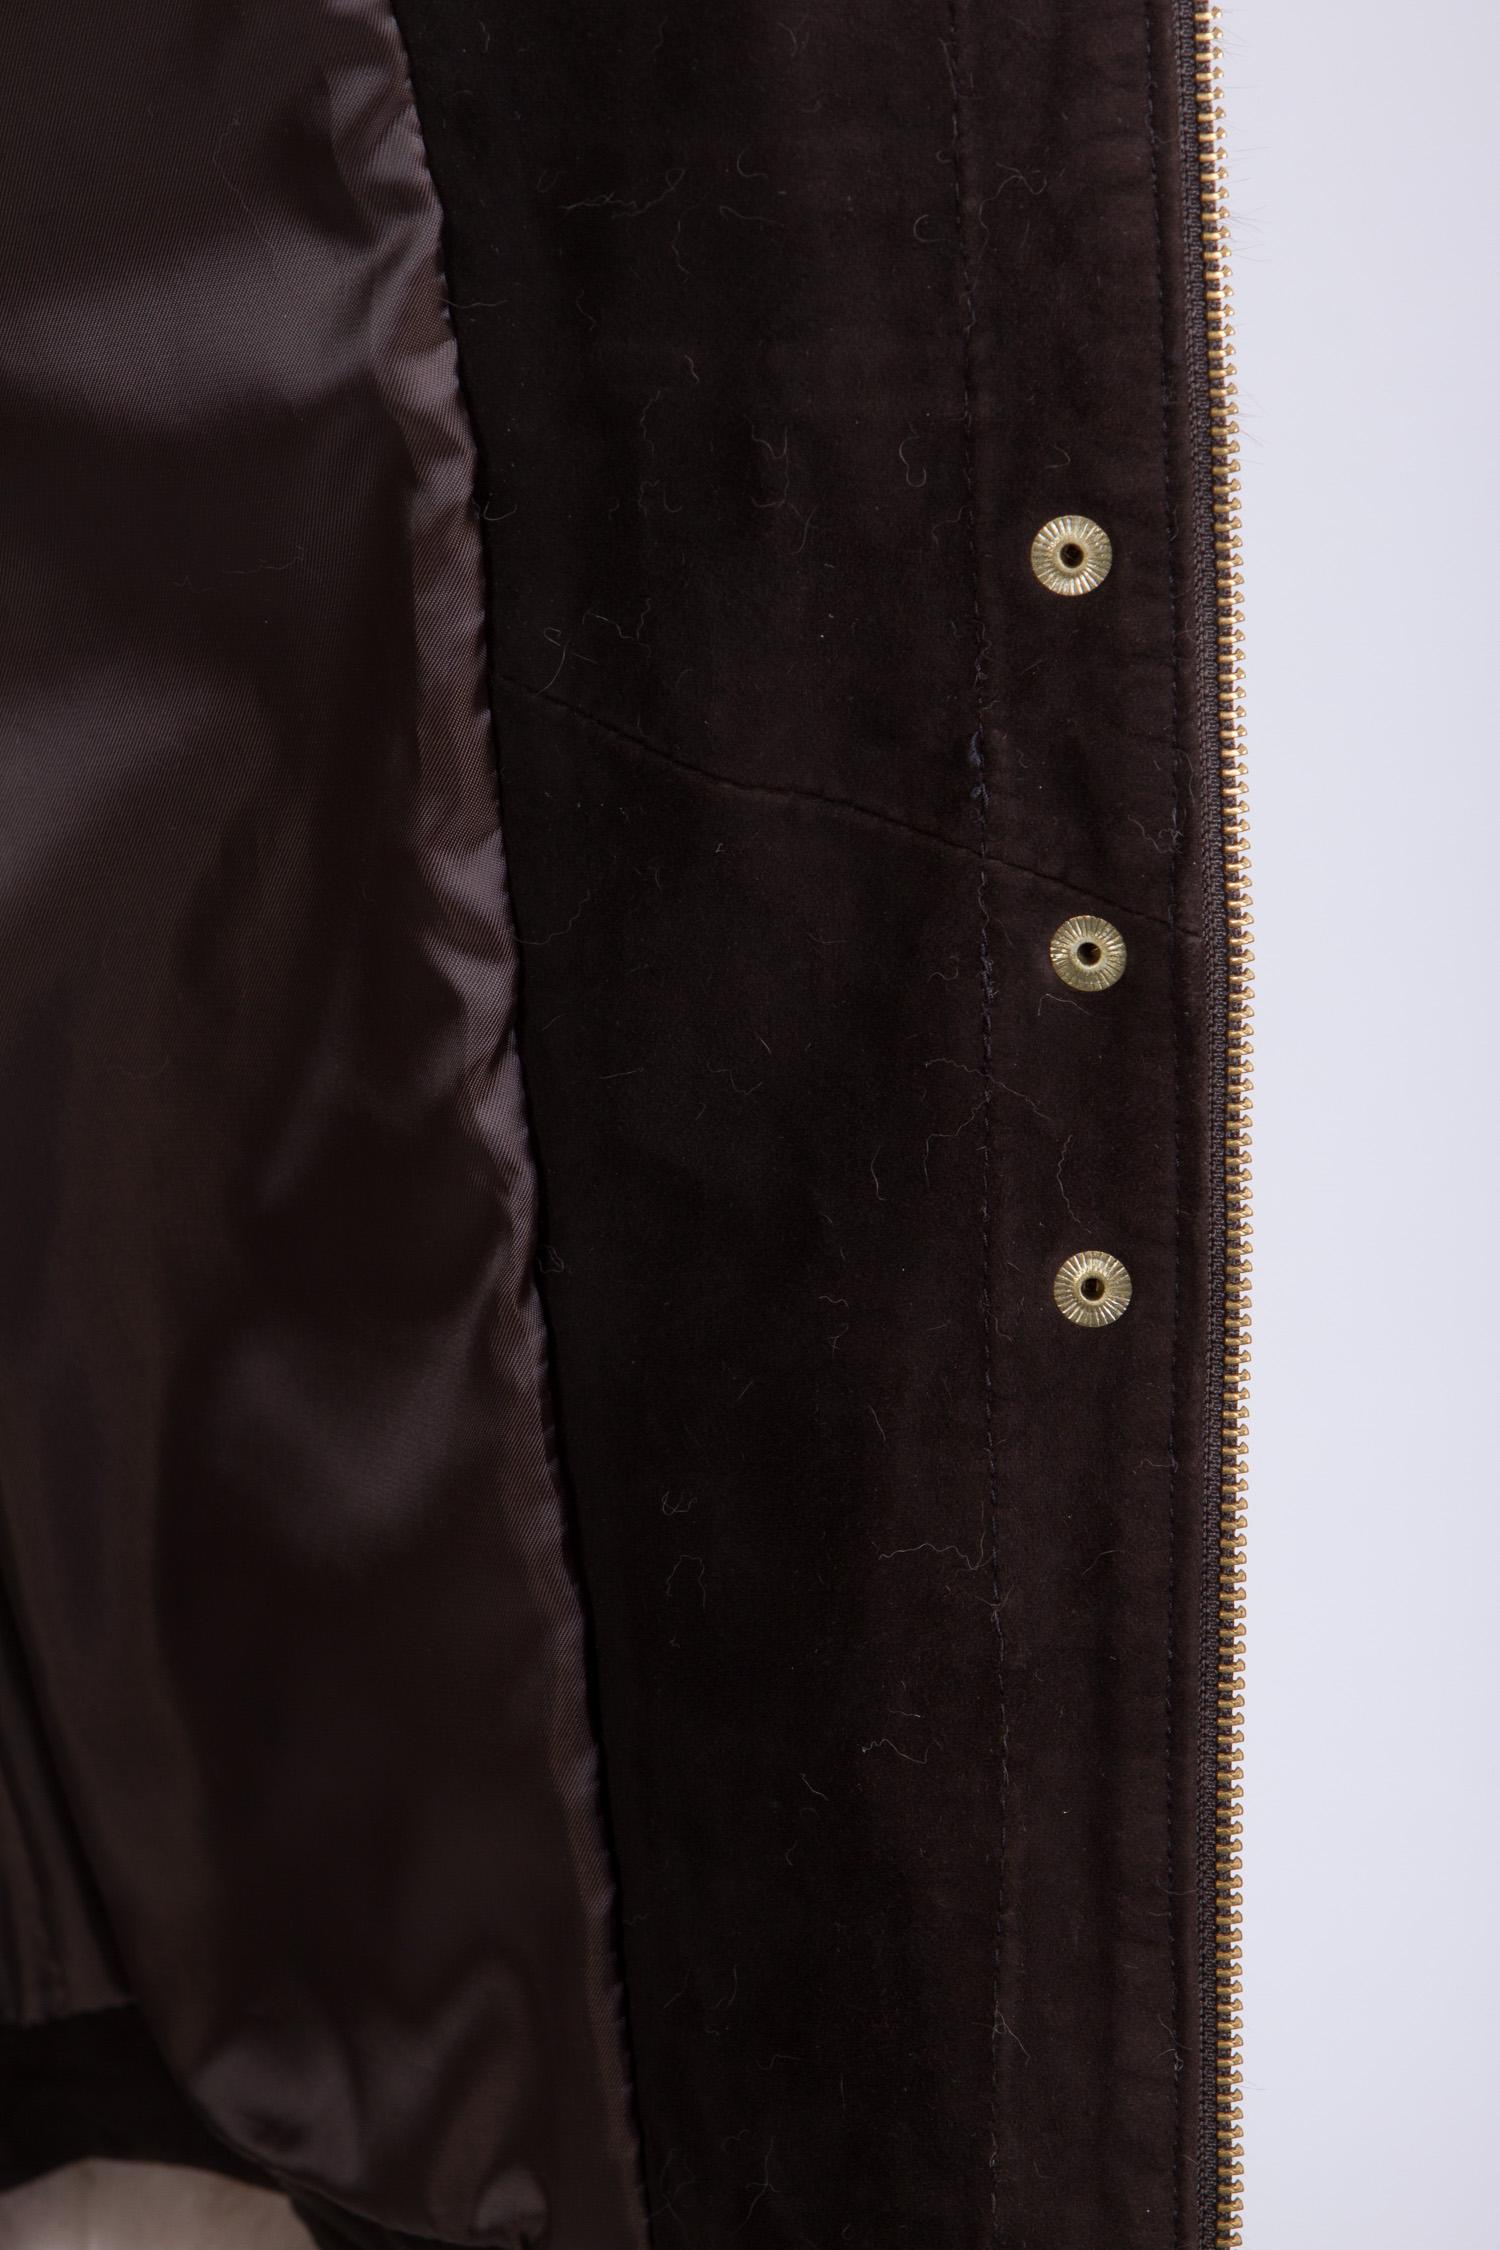 Женская кожаная куртка из натуральной кожи с воротником, отделка песец от Московская Меховая Компания